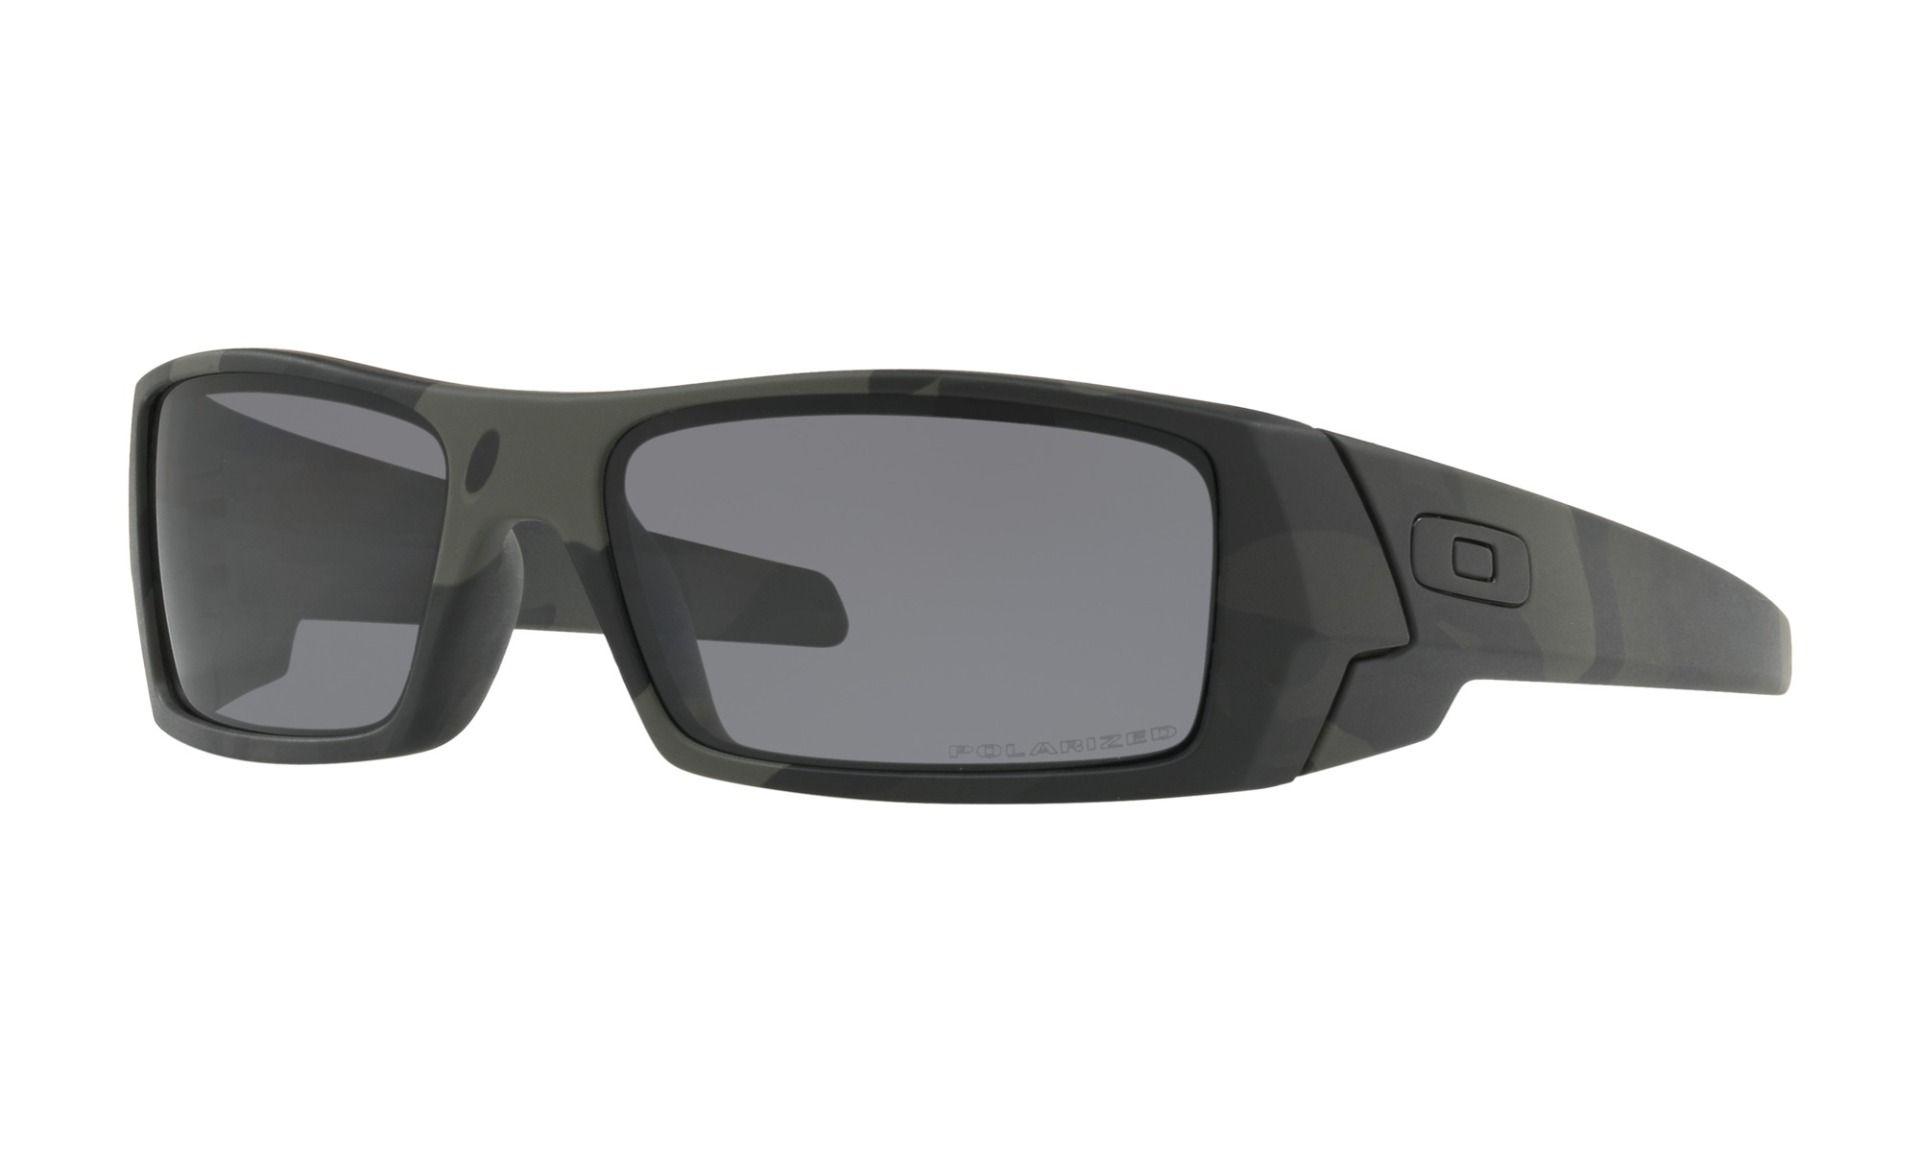 07d5f4c27072c oo9014-03 gascan multicam-black-grey-polarized 001.jpg